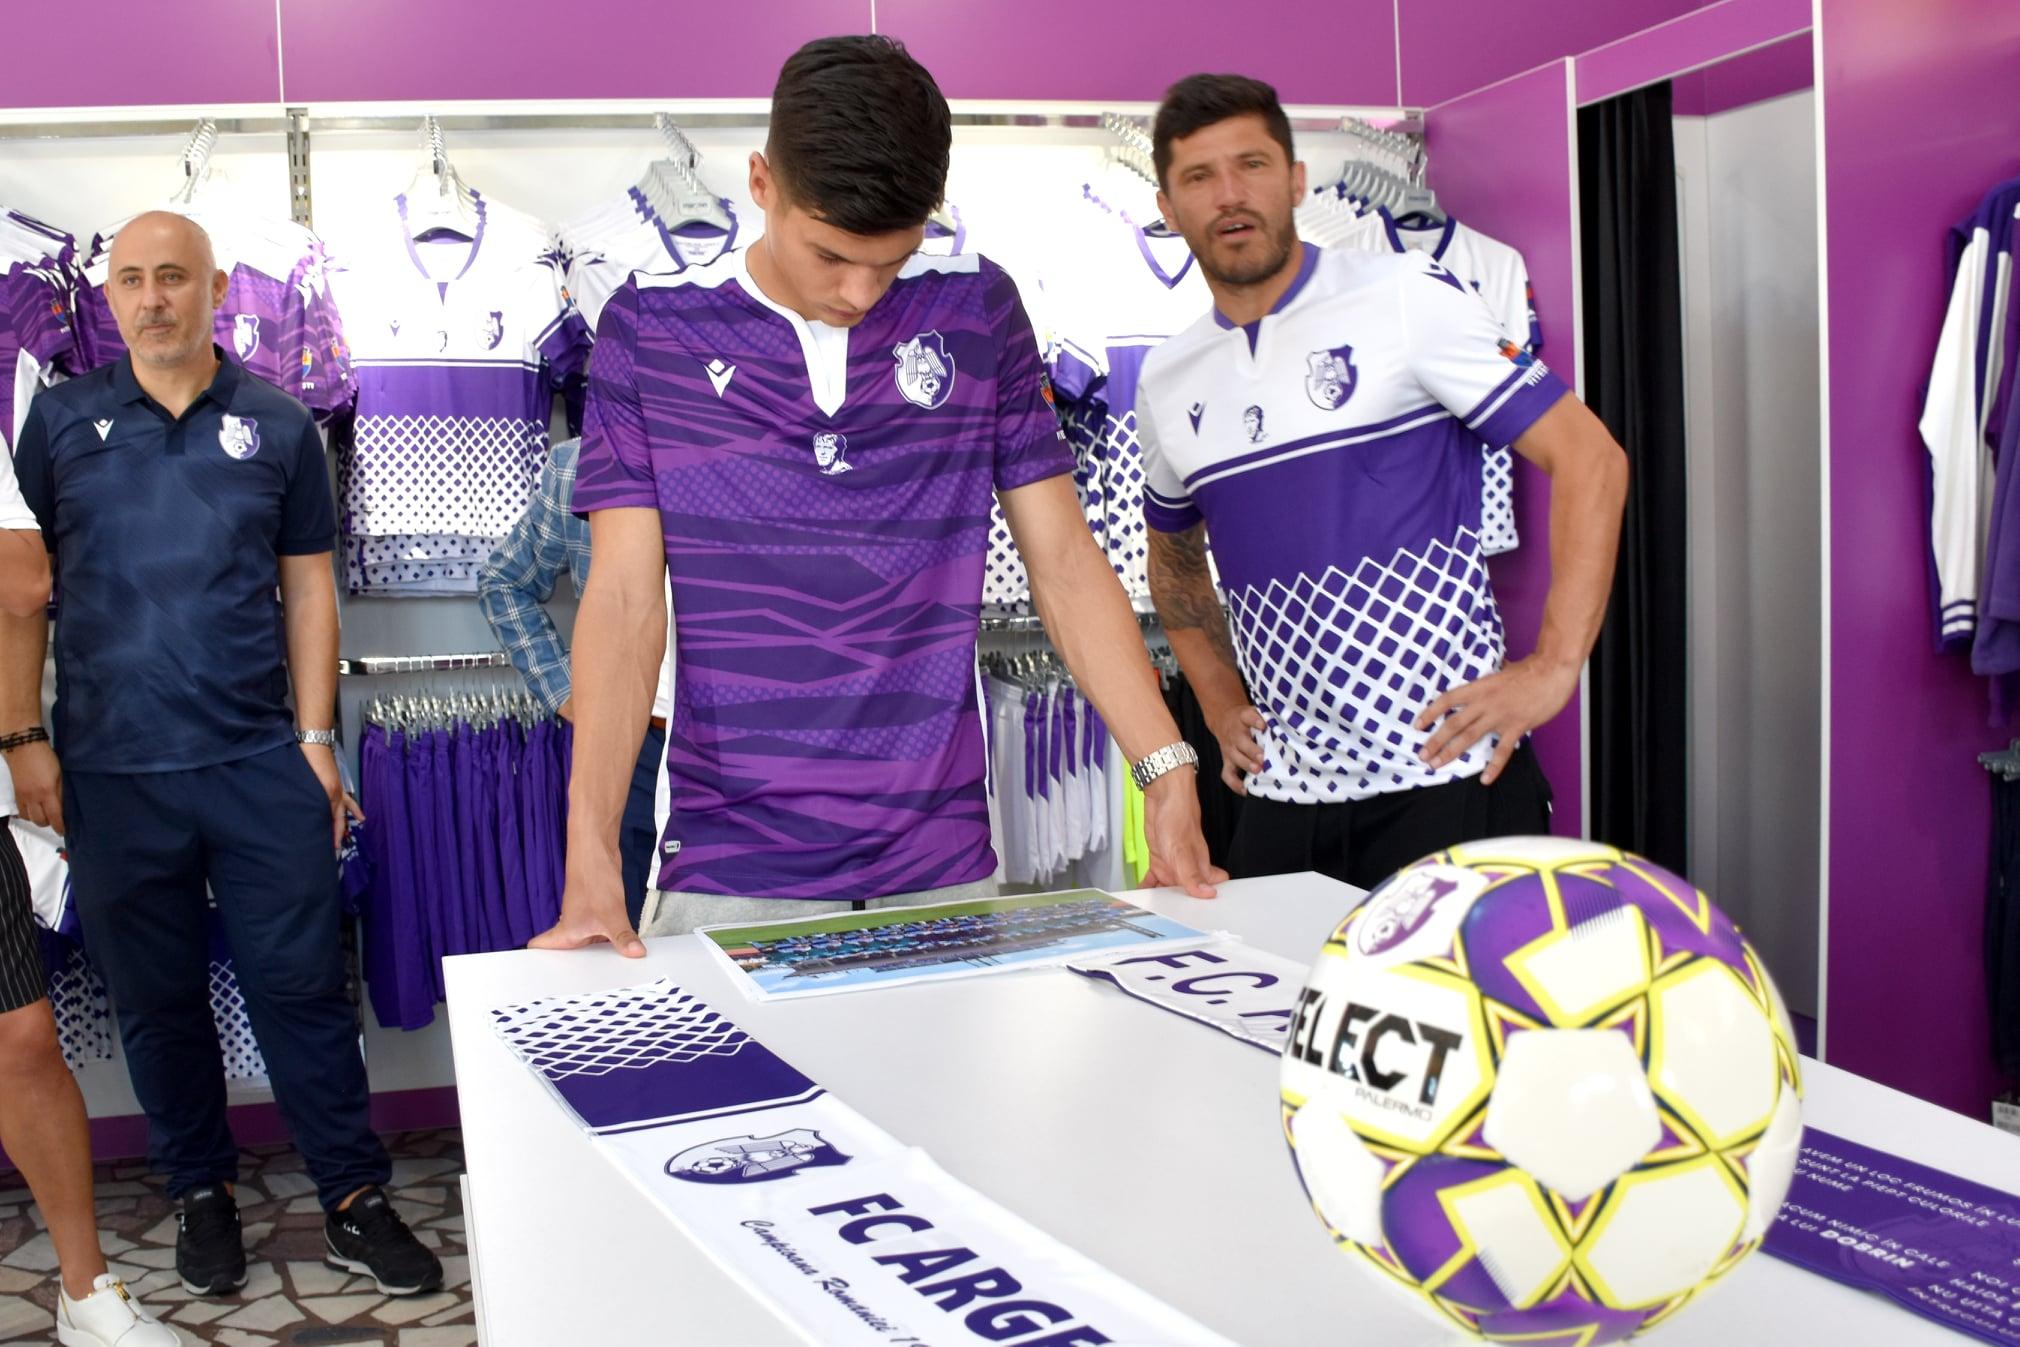 Prezentare echipament de joc FC Argeș. Chipul lui Nicolae Dobrin, în centru, pe piept. Sursa foto: FC Argeș/Facebook